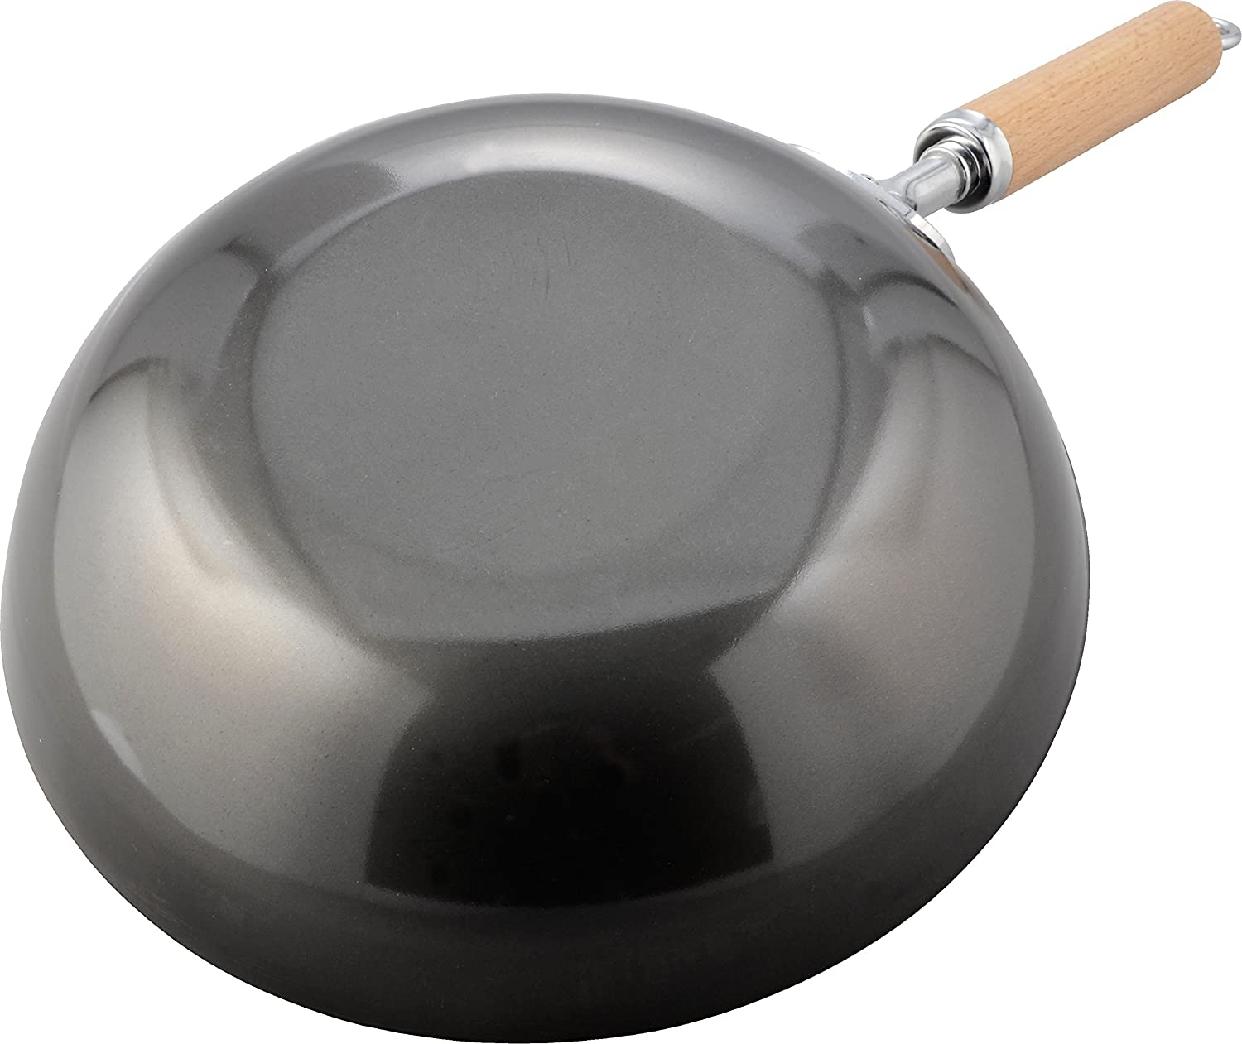 和平フレイズ(FREIZ) 黒皮鉄 炒め鍋 28cm GR-9749の商品画像5